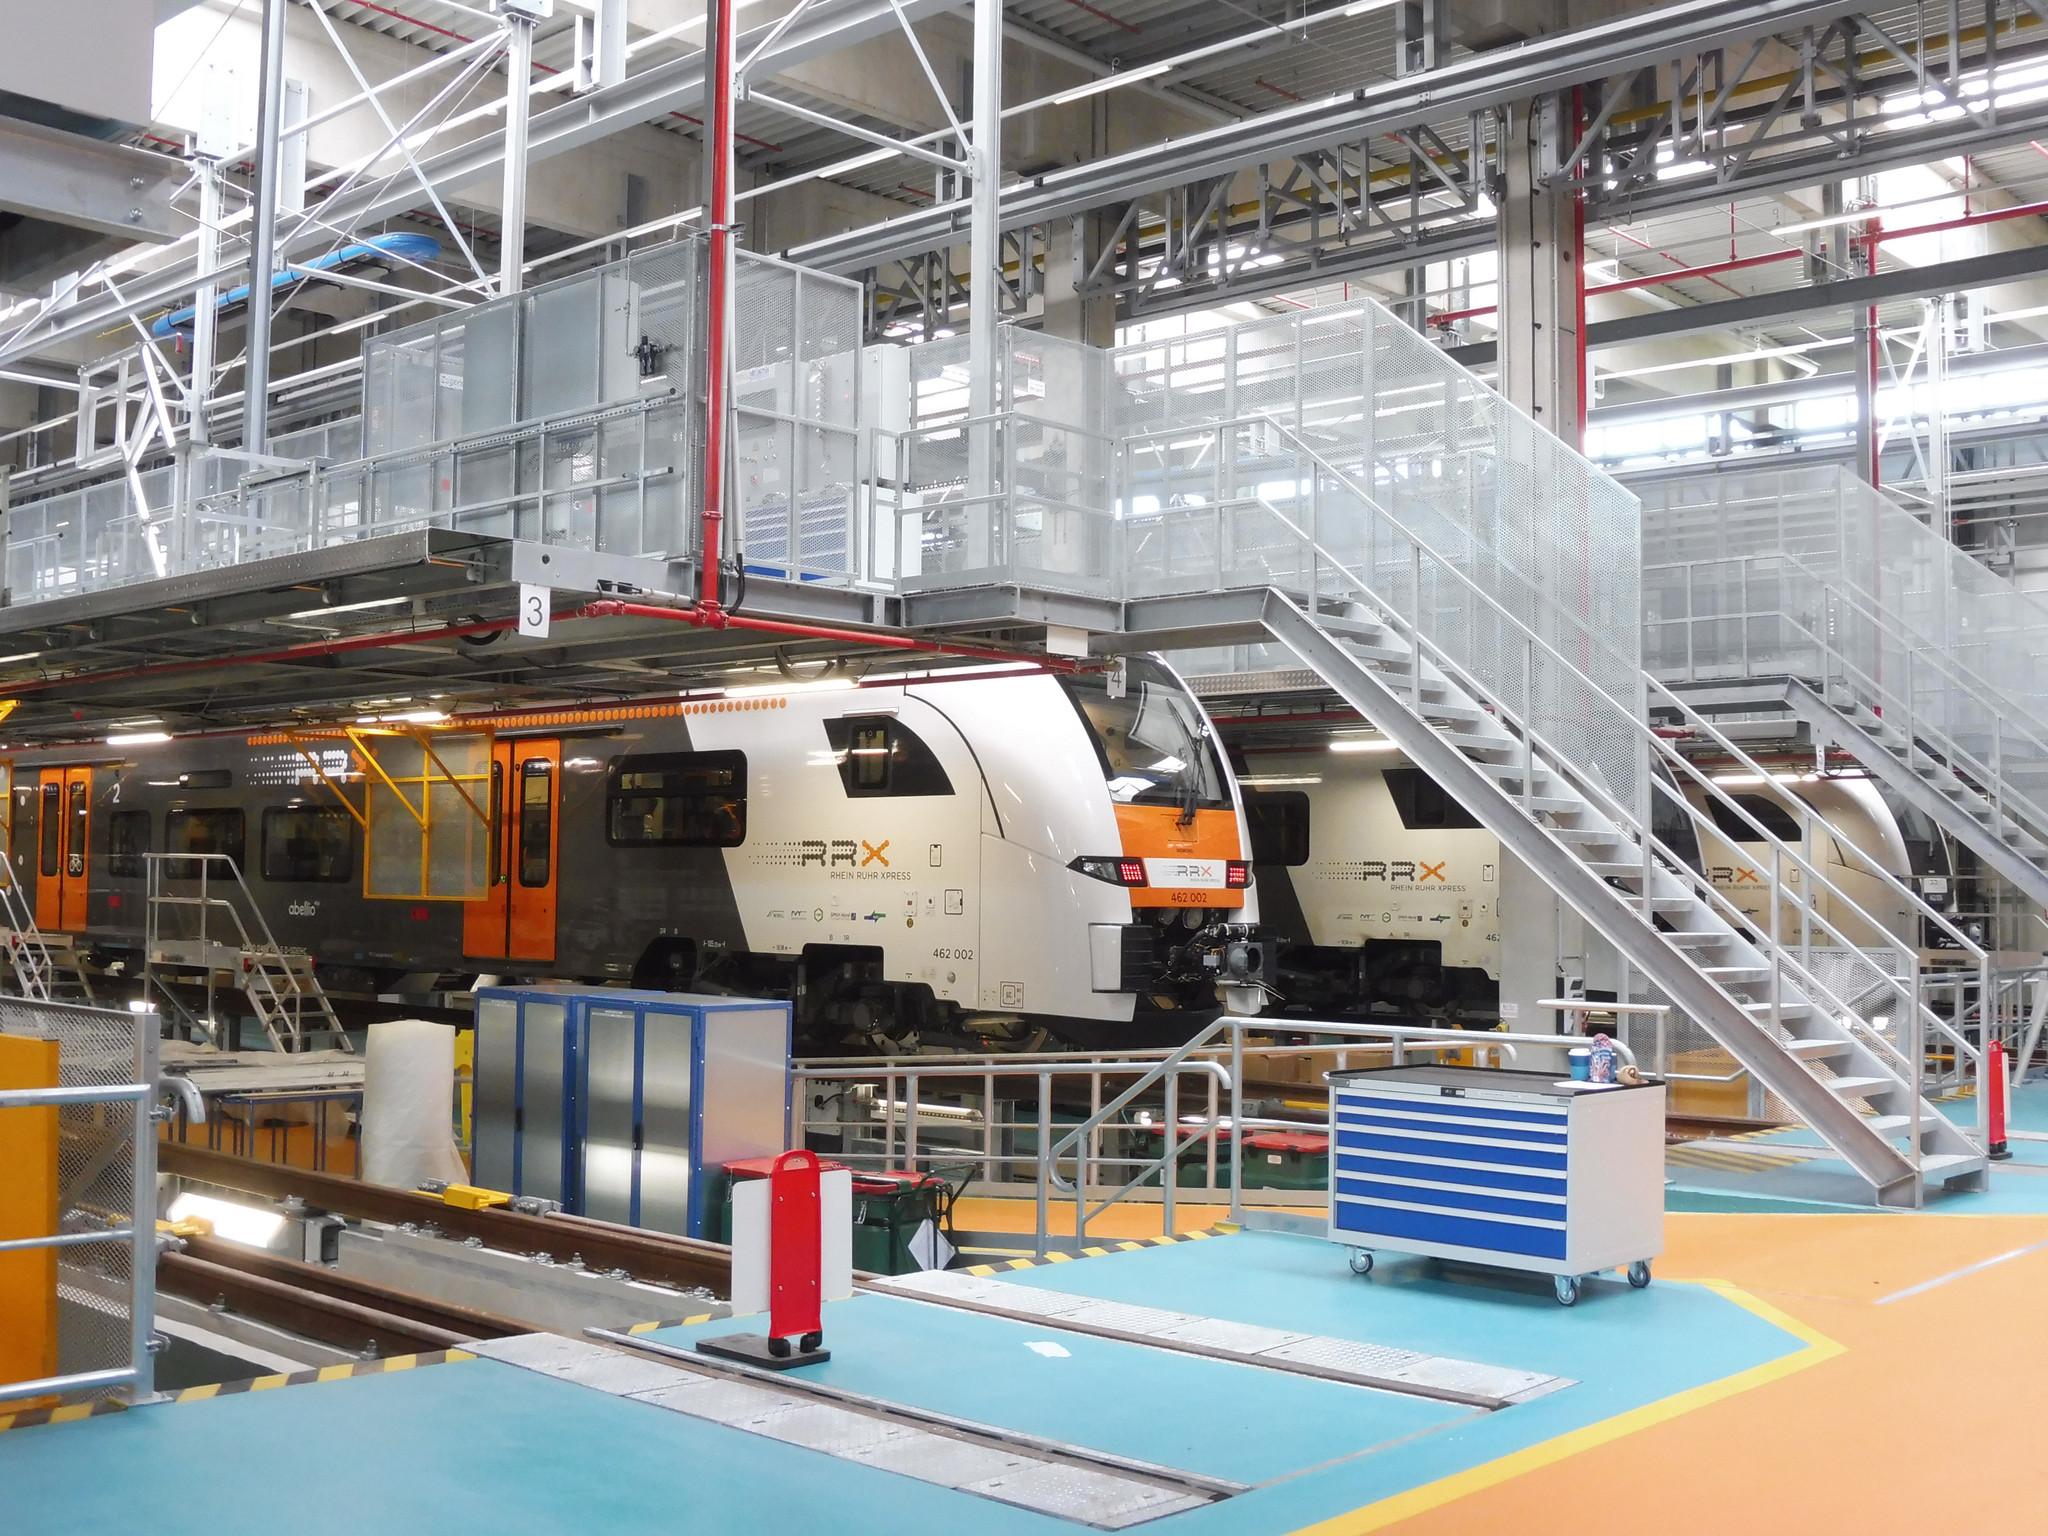 NaKolei.pl - Siemens Mobility: Otwarcie nowej zajezdni serwisowej dla pociągów Rhine Ruhr Express